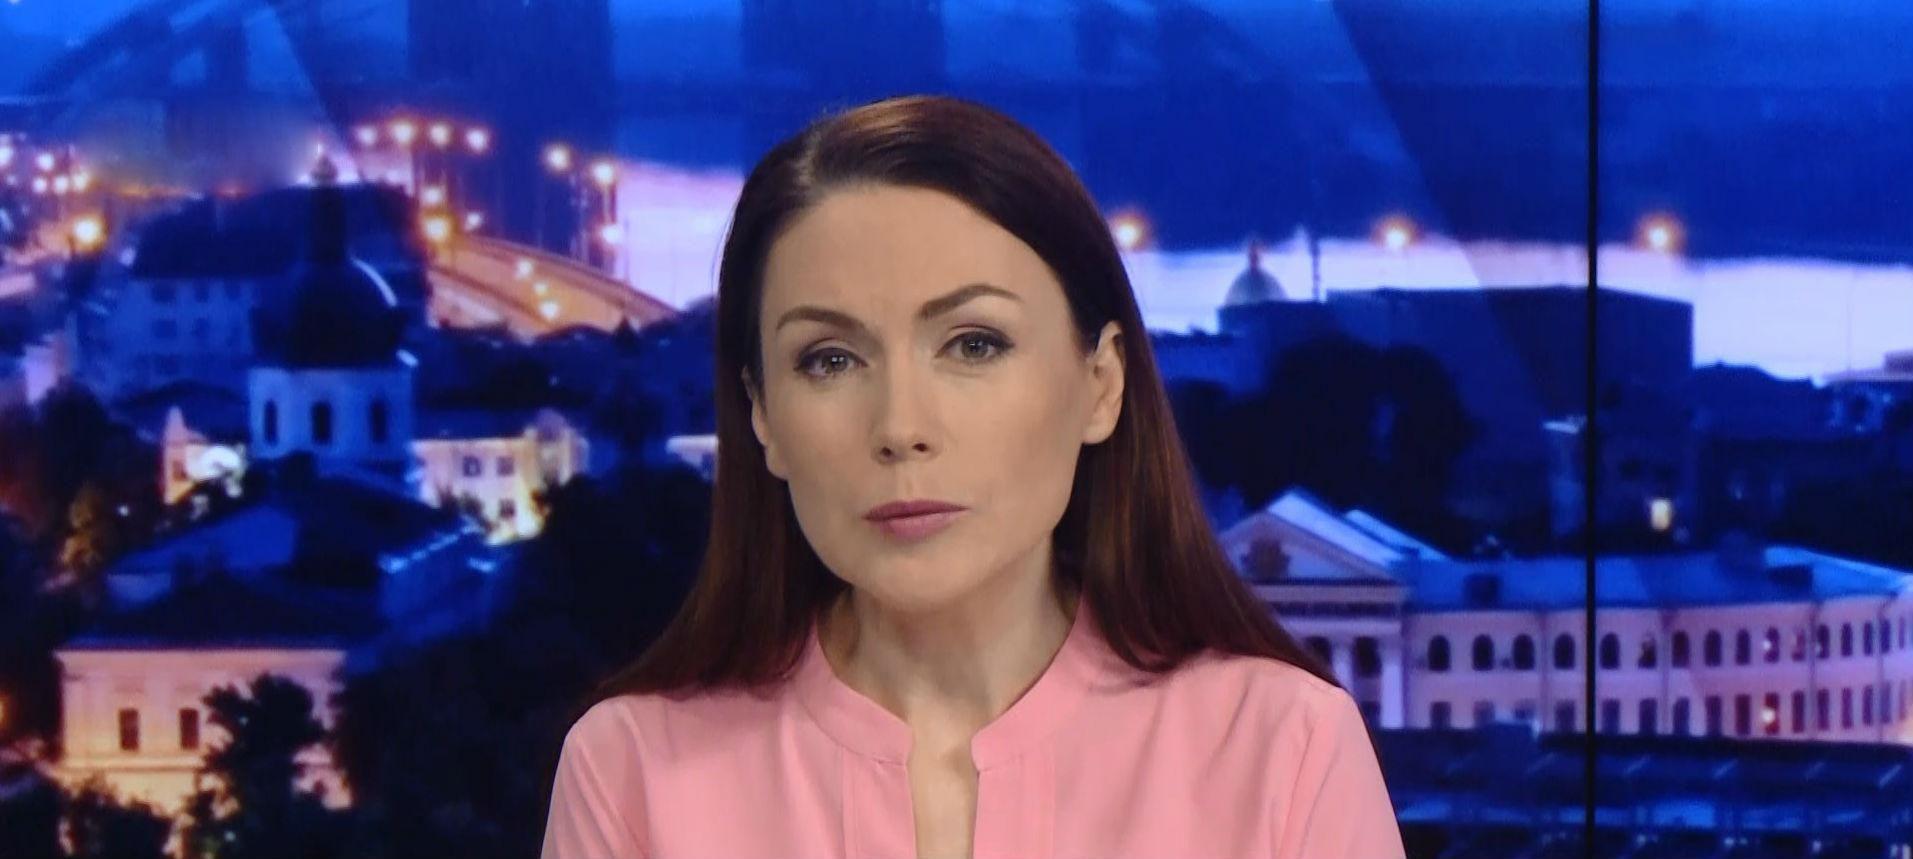 Сегодня новости от канала Украина